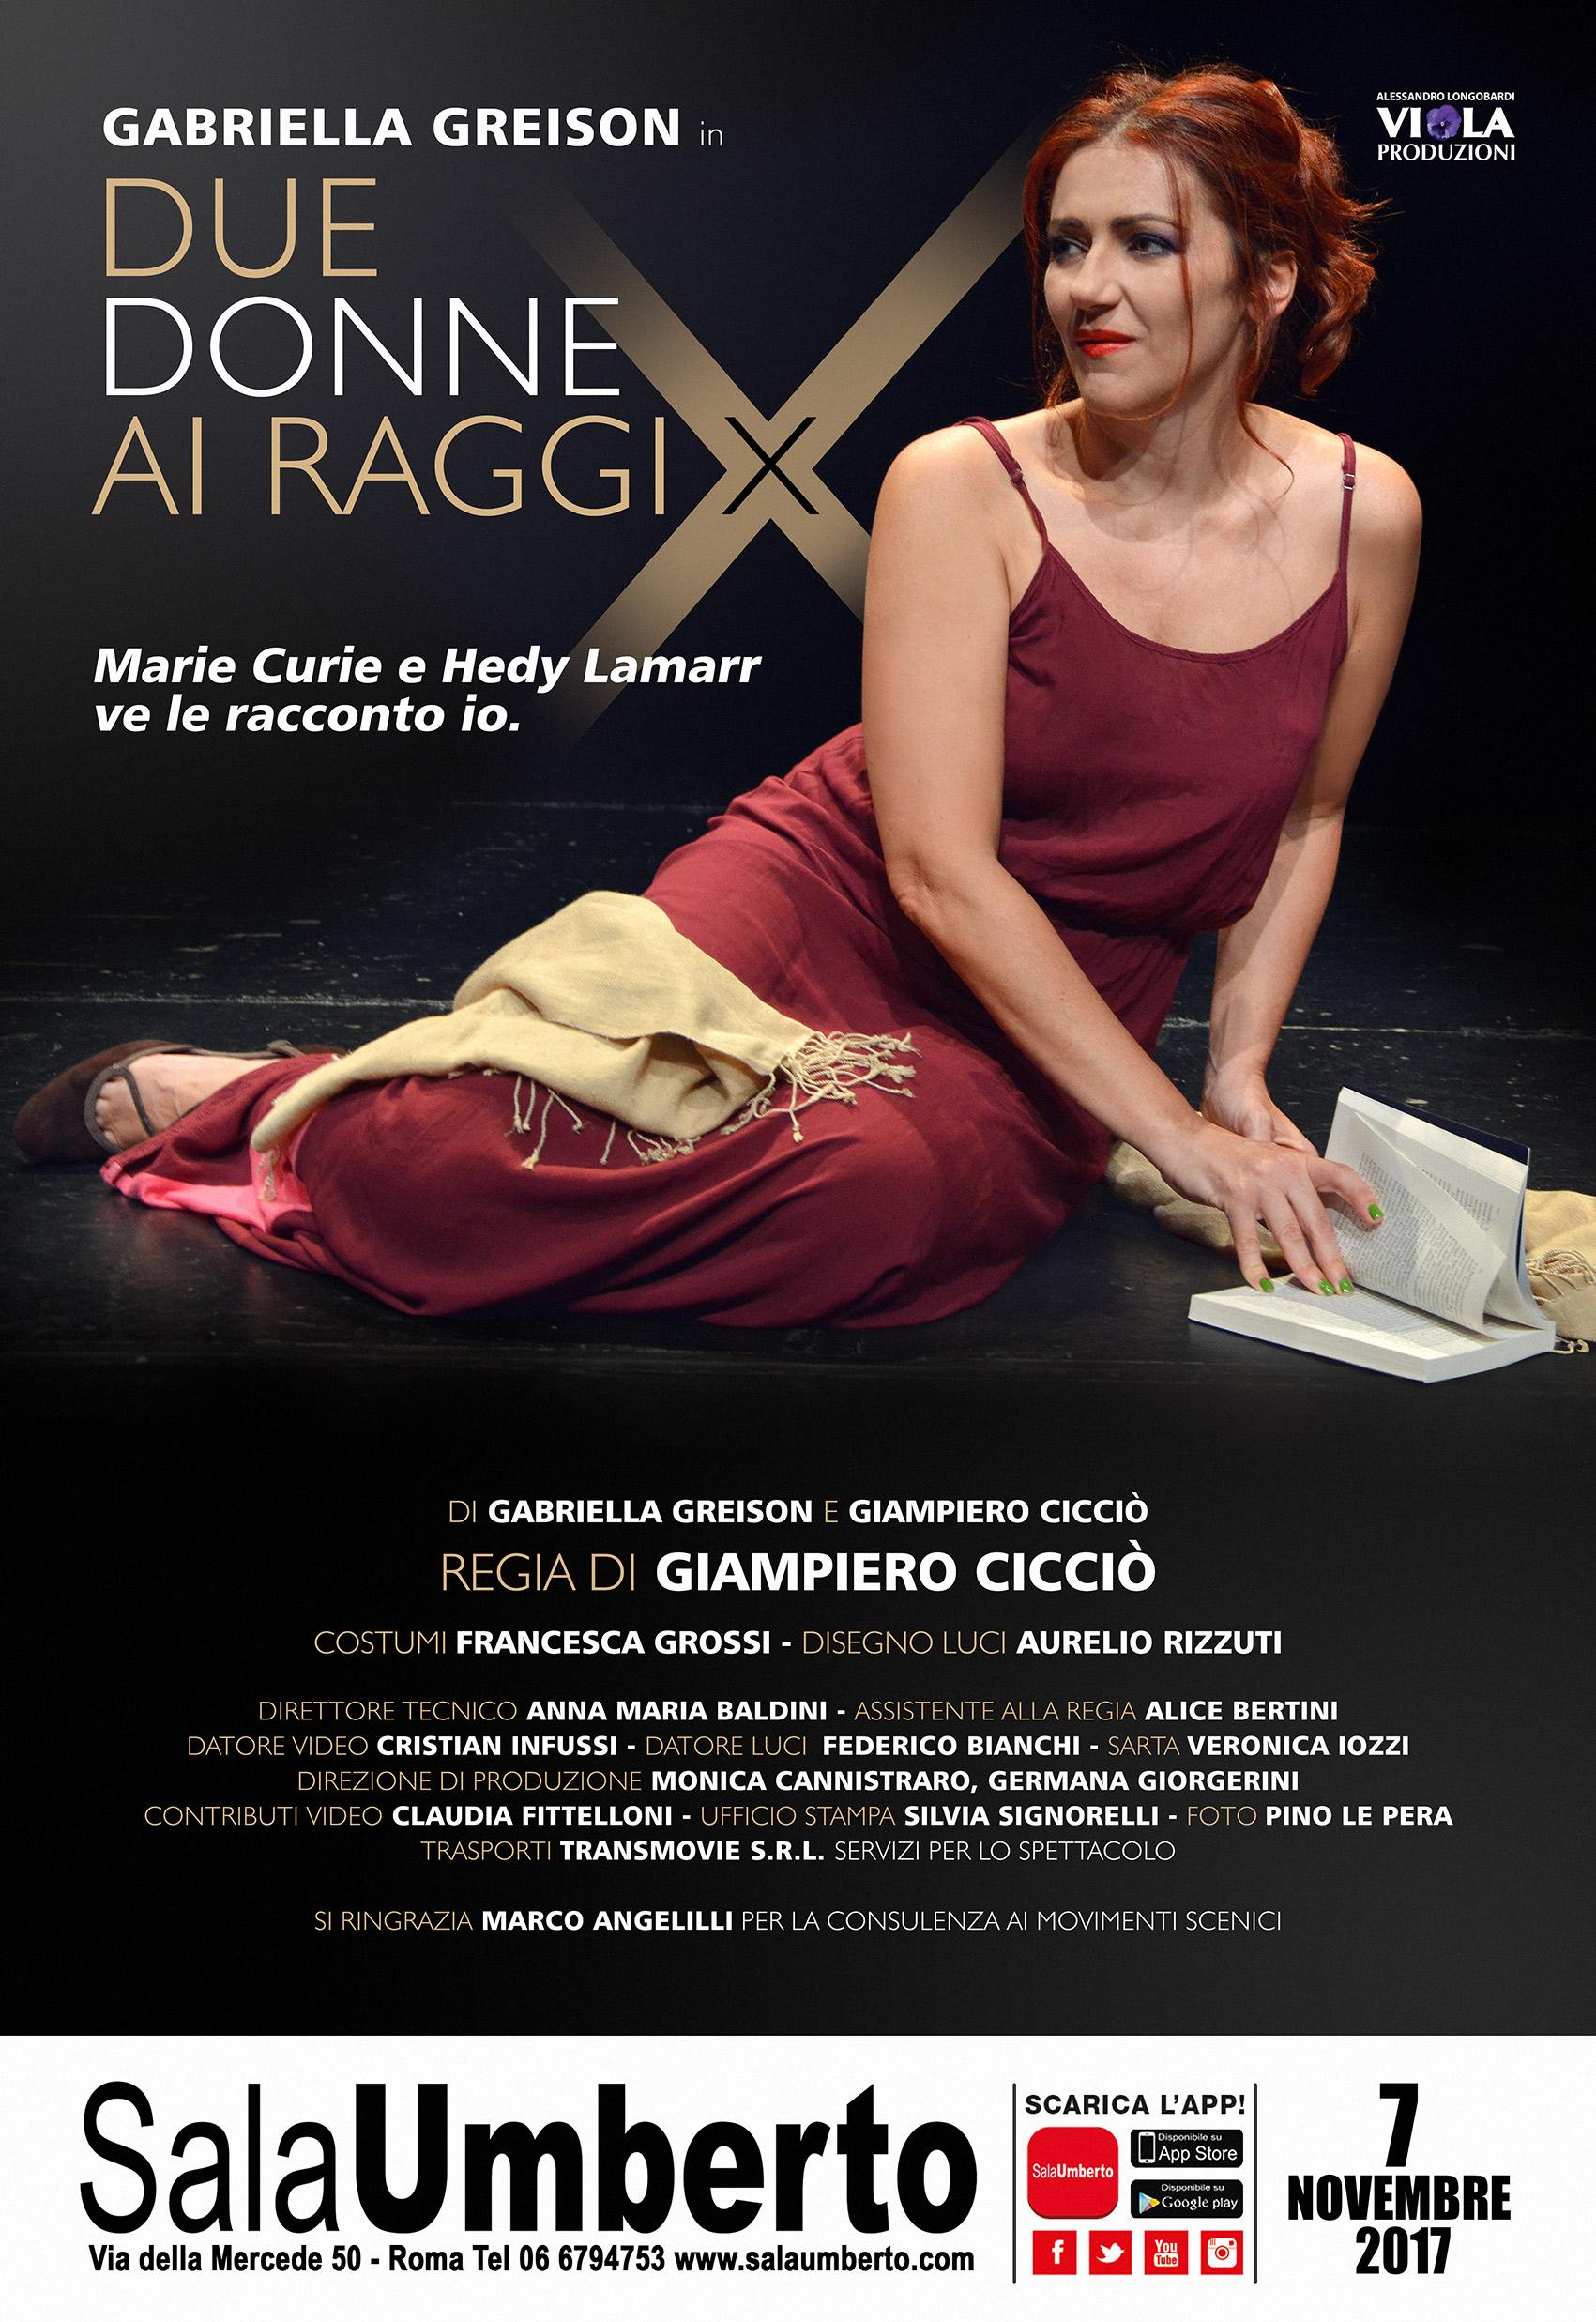 Vieni a vedere DUE DONNE AI RAGGI X al Teatro Sala Umberto di Roma